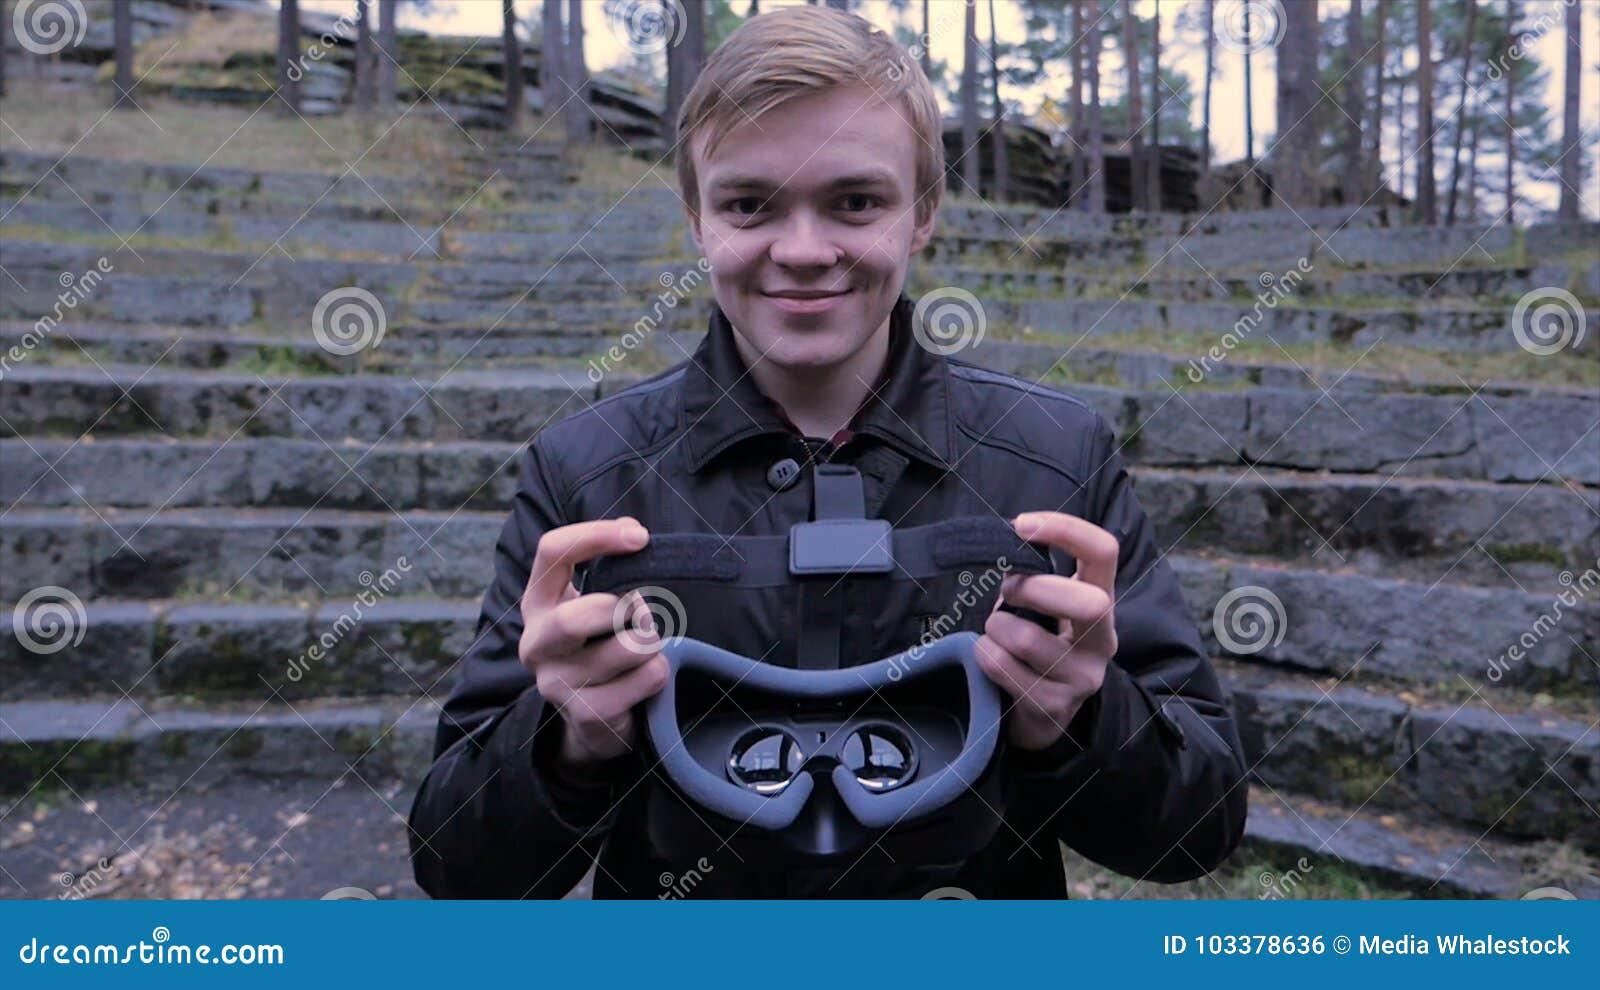 Ο νεαρός άνδρας δίνει μια κάσκα εικονικής πραγματικότητας στο πάρκο Ο νεαρός άνδρας δίνει μια κάσκα εικονικής πραγματικότητας στο